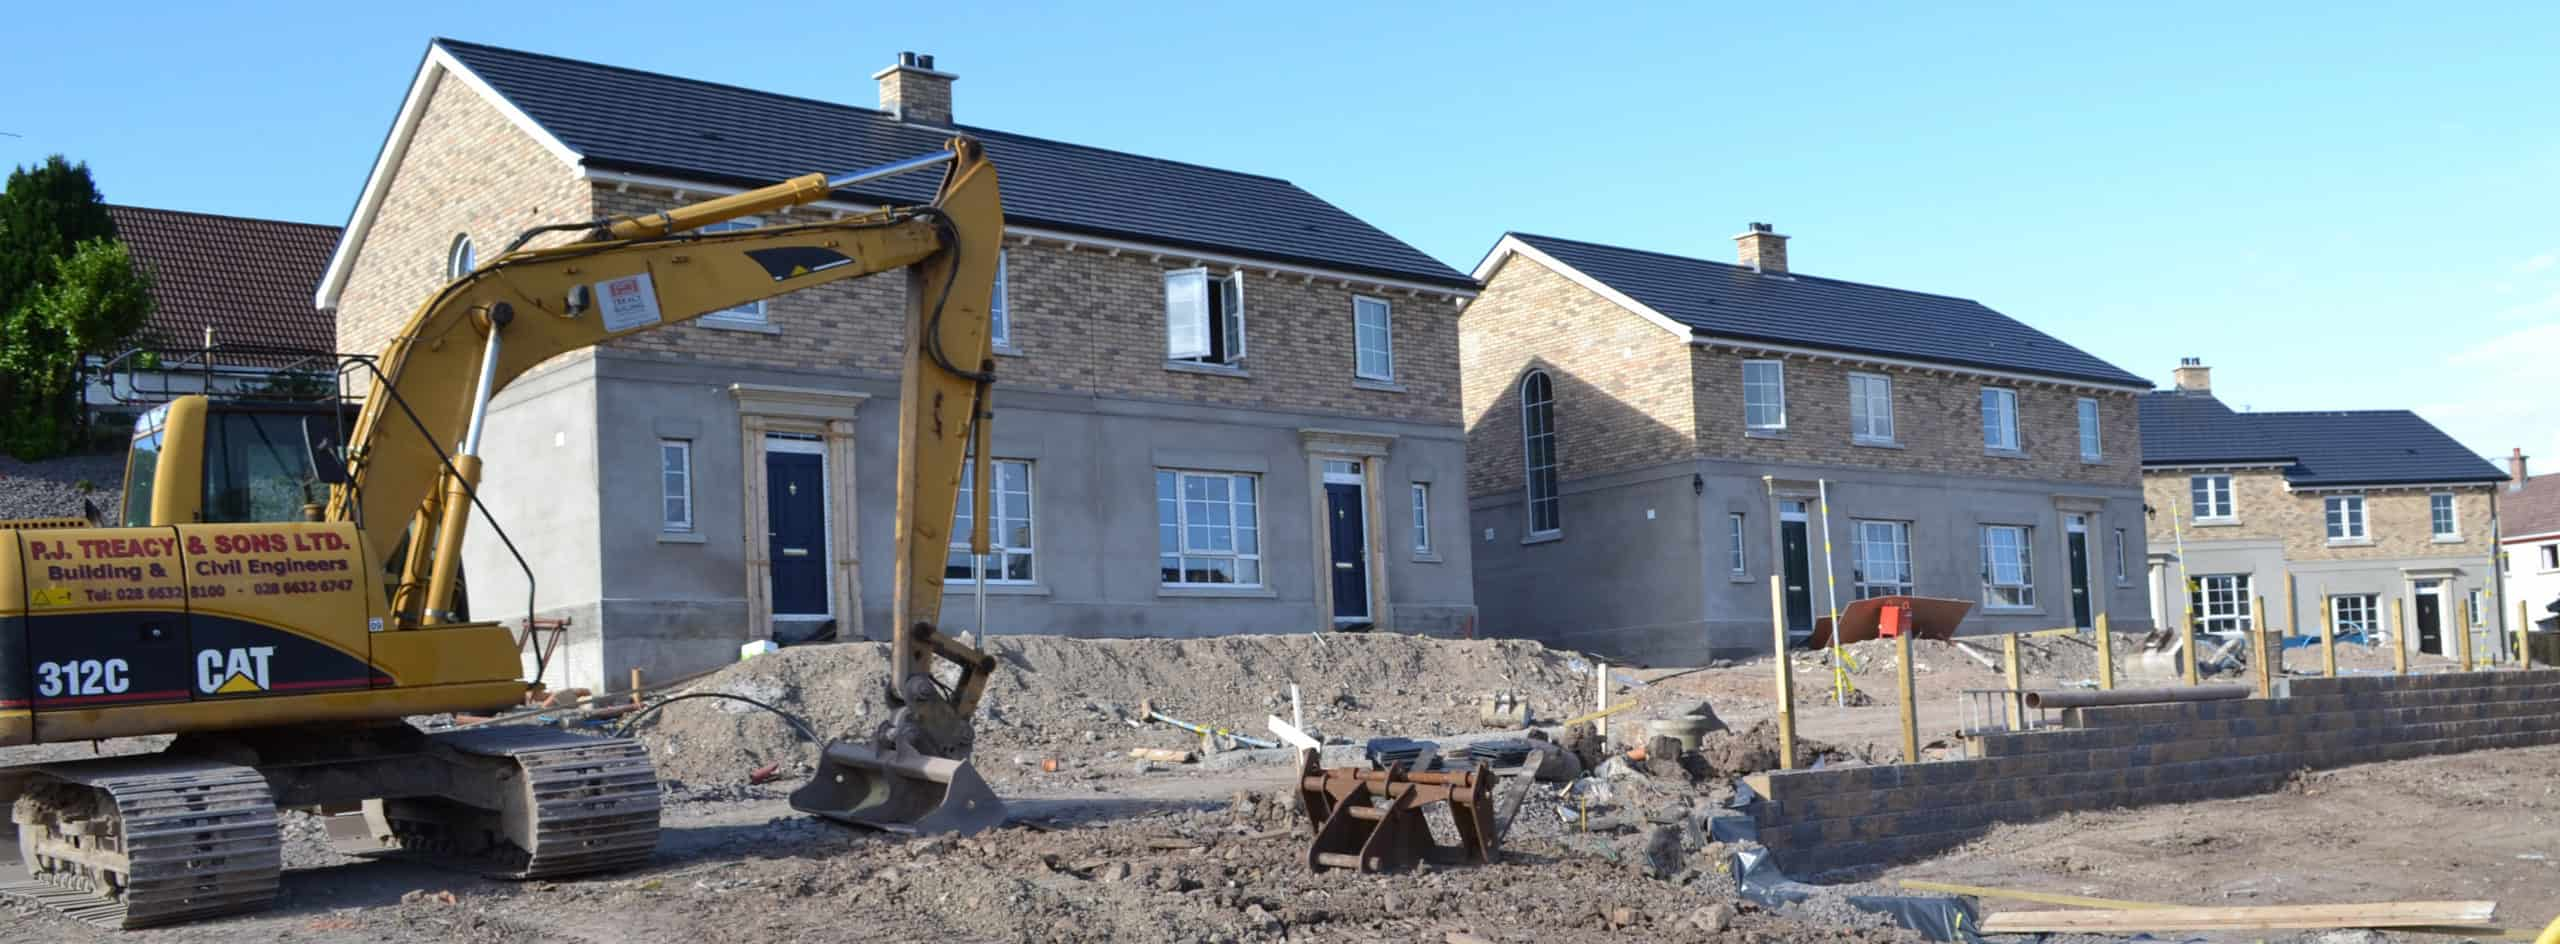 College Park Lane Development Enniskillen - Under Construction